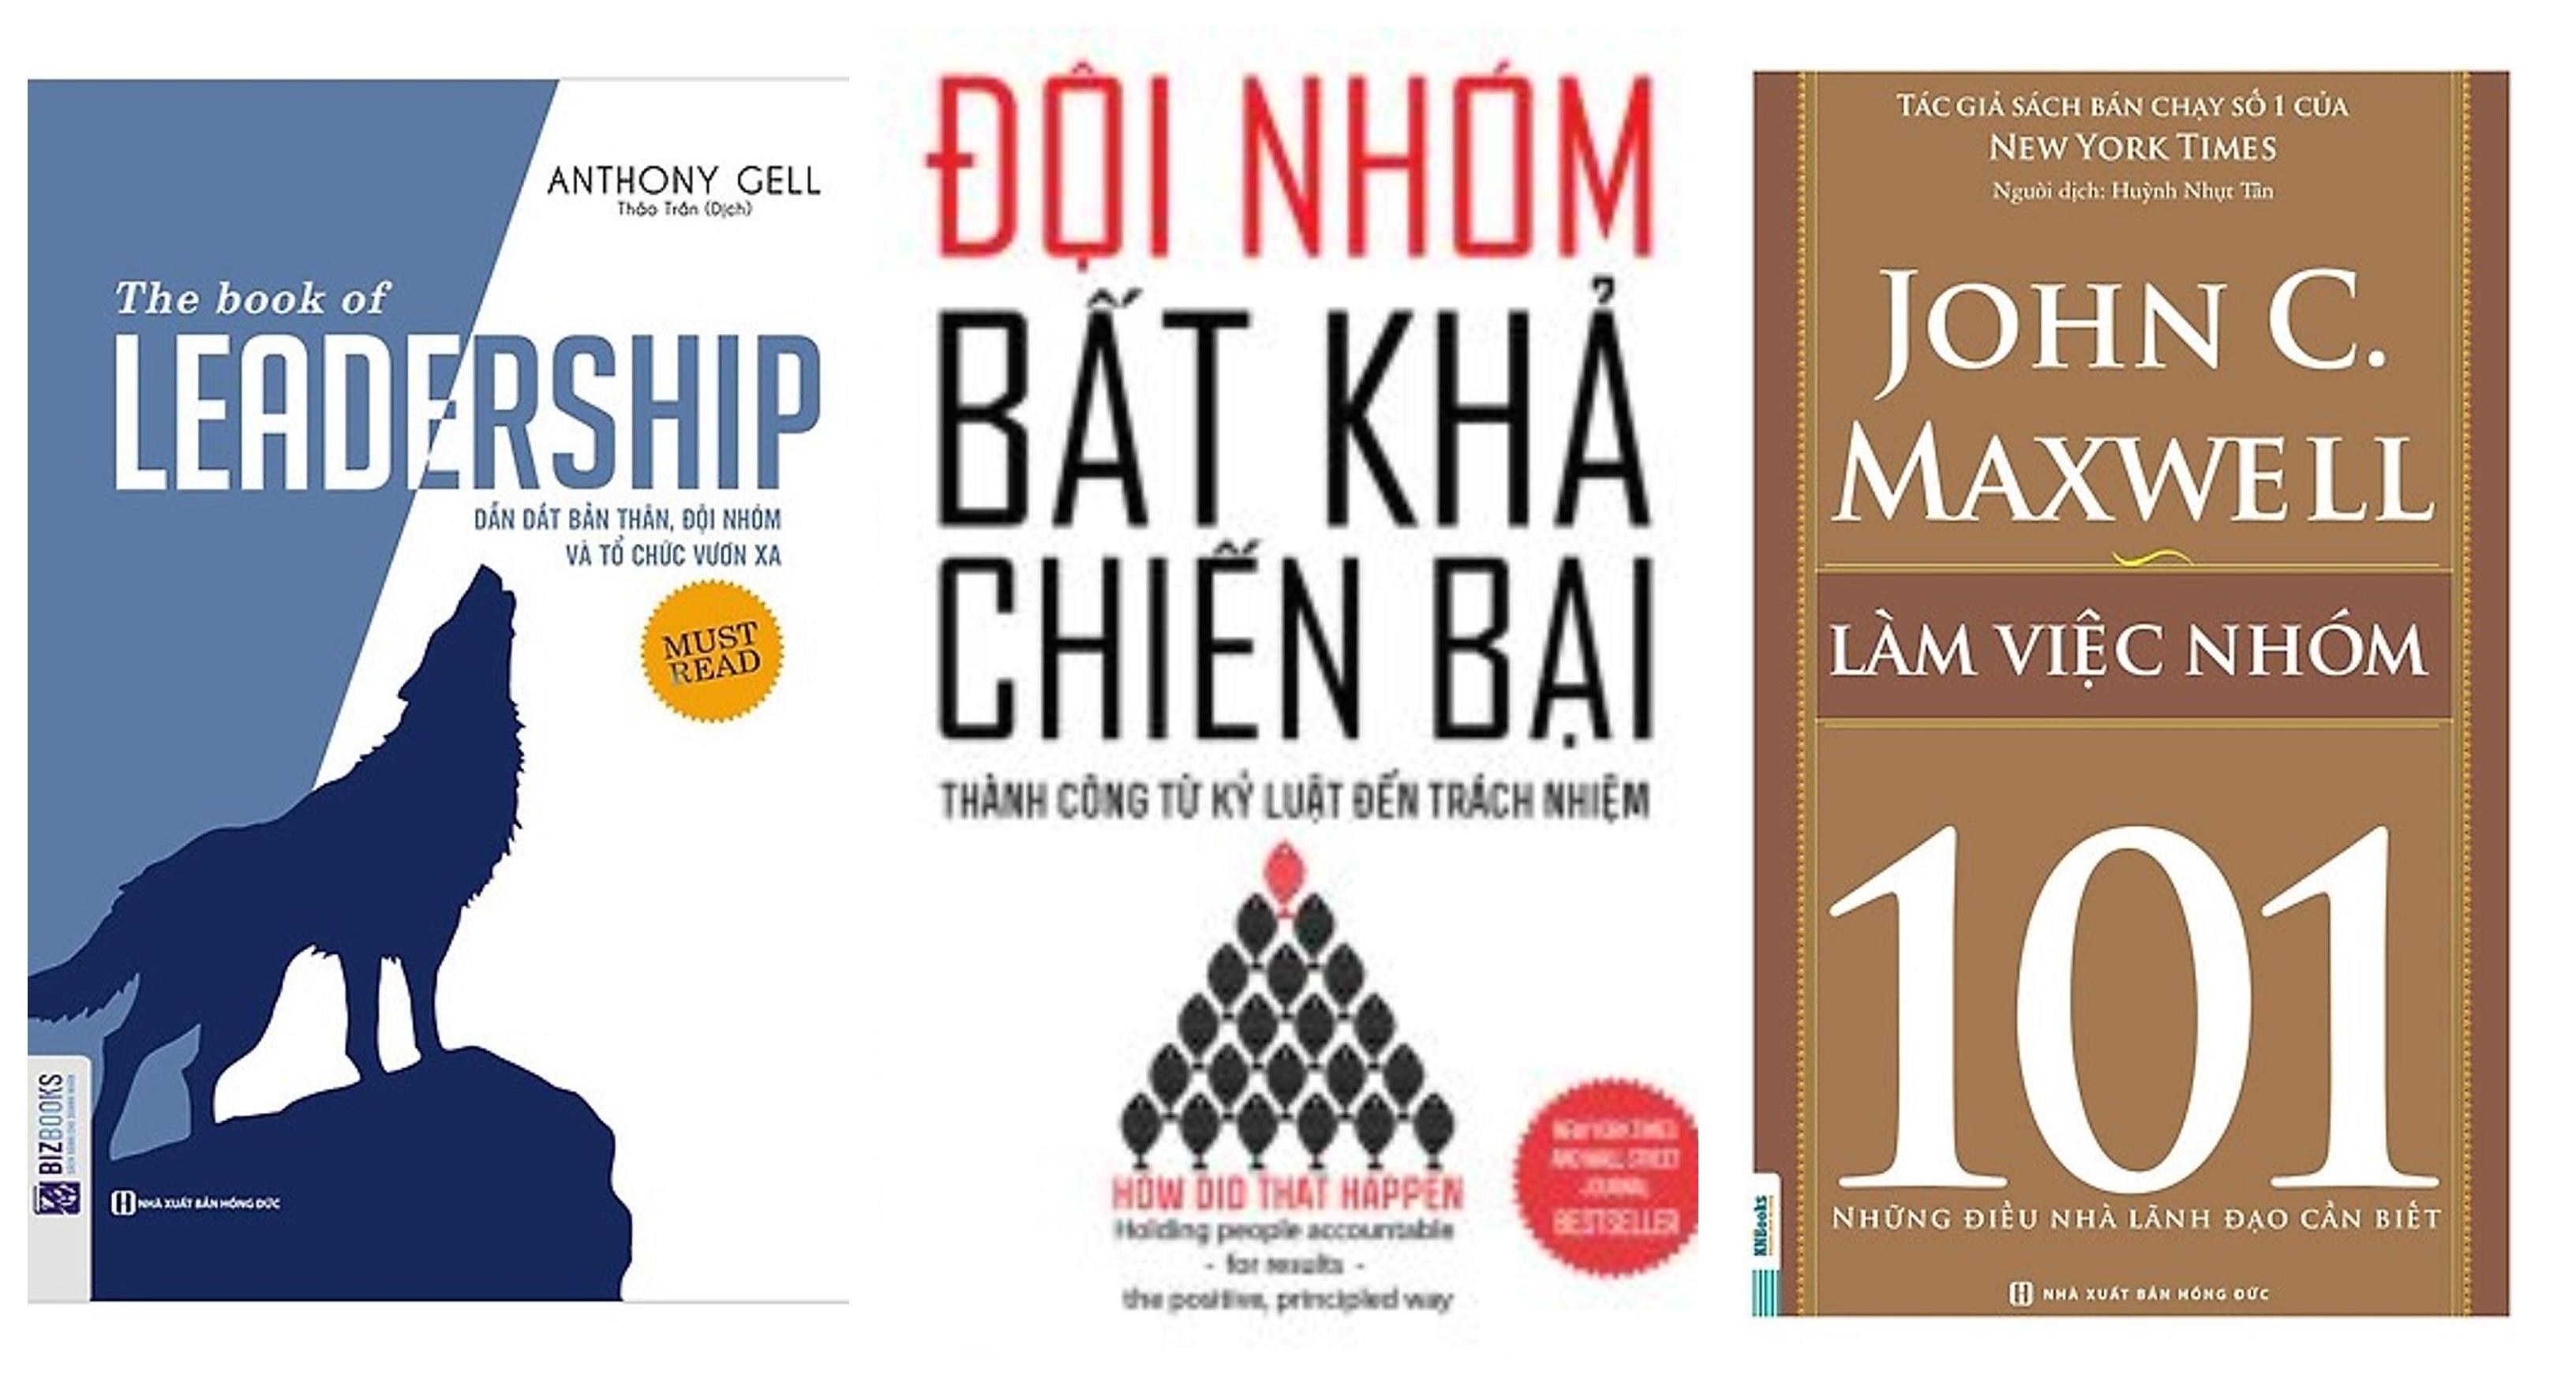 Mua Combo 3 cuốn sách :+ leadership dẫn dắt bản thân,đội nhóm và tổ chức vươn xa,+ đội nhóm bất khả chiến bại thành công từ kỷ luật đến trách nhiệm,+101 làm việc nhóm